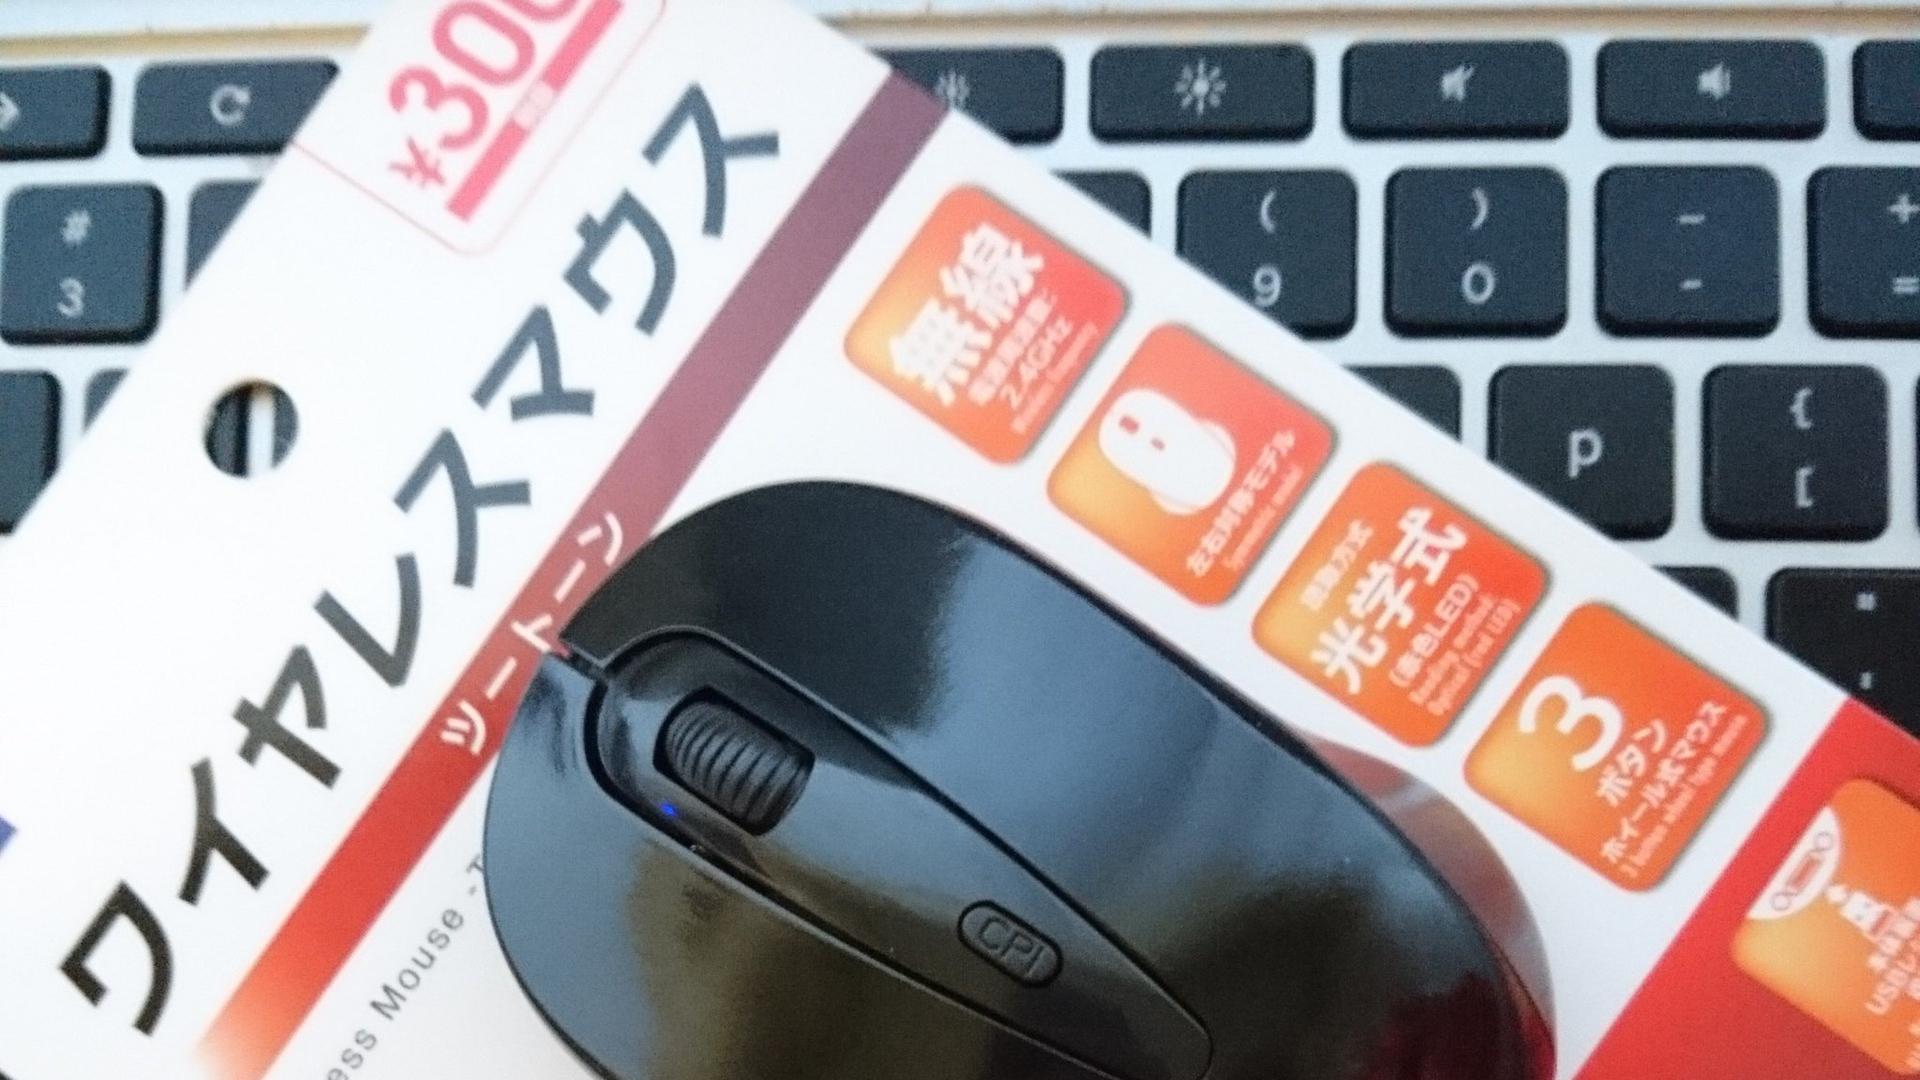 ダイソーのマウス vs アマゾンのマウス|職住隣接物語 ngsw.net